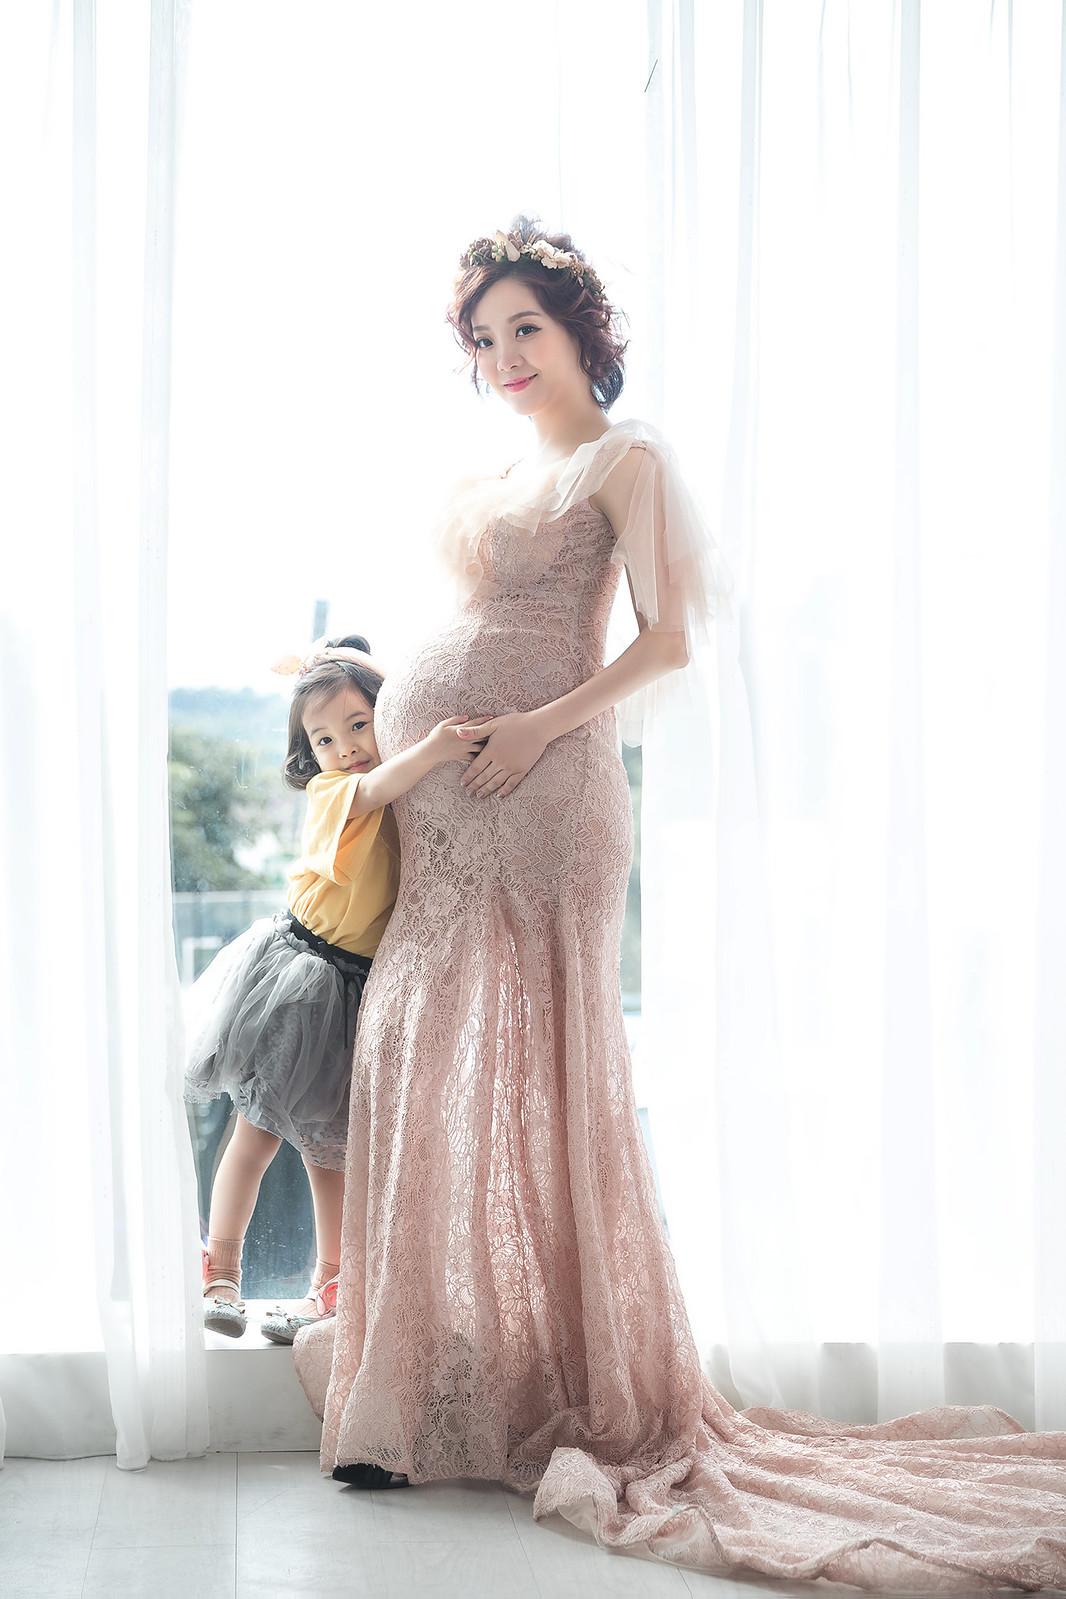 181106-0041-孕婦寫真-藕色禮服-好拍市集-逆光-窗光